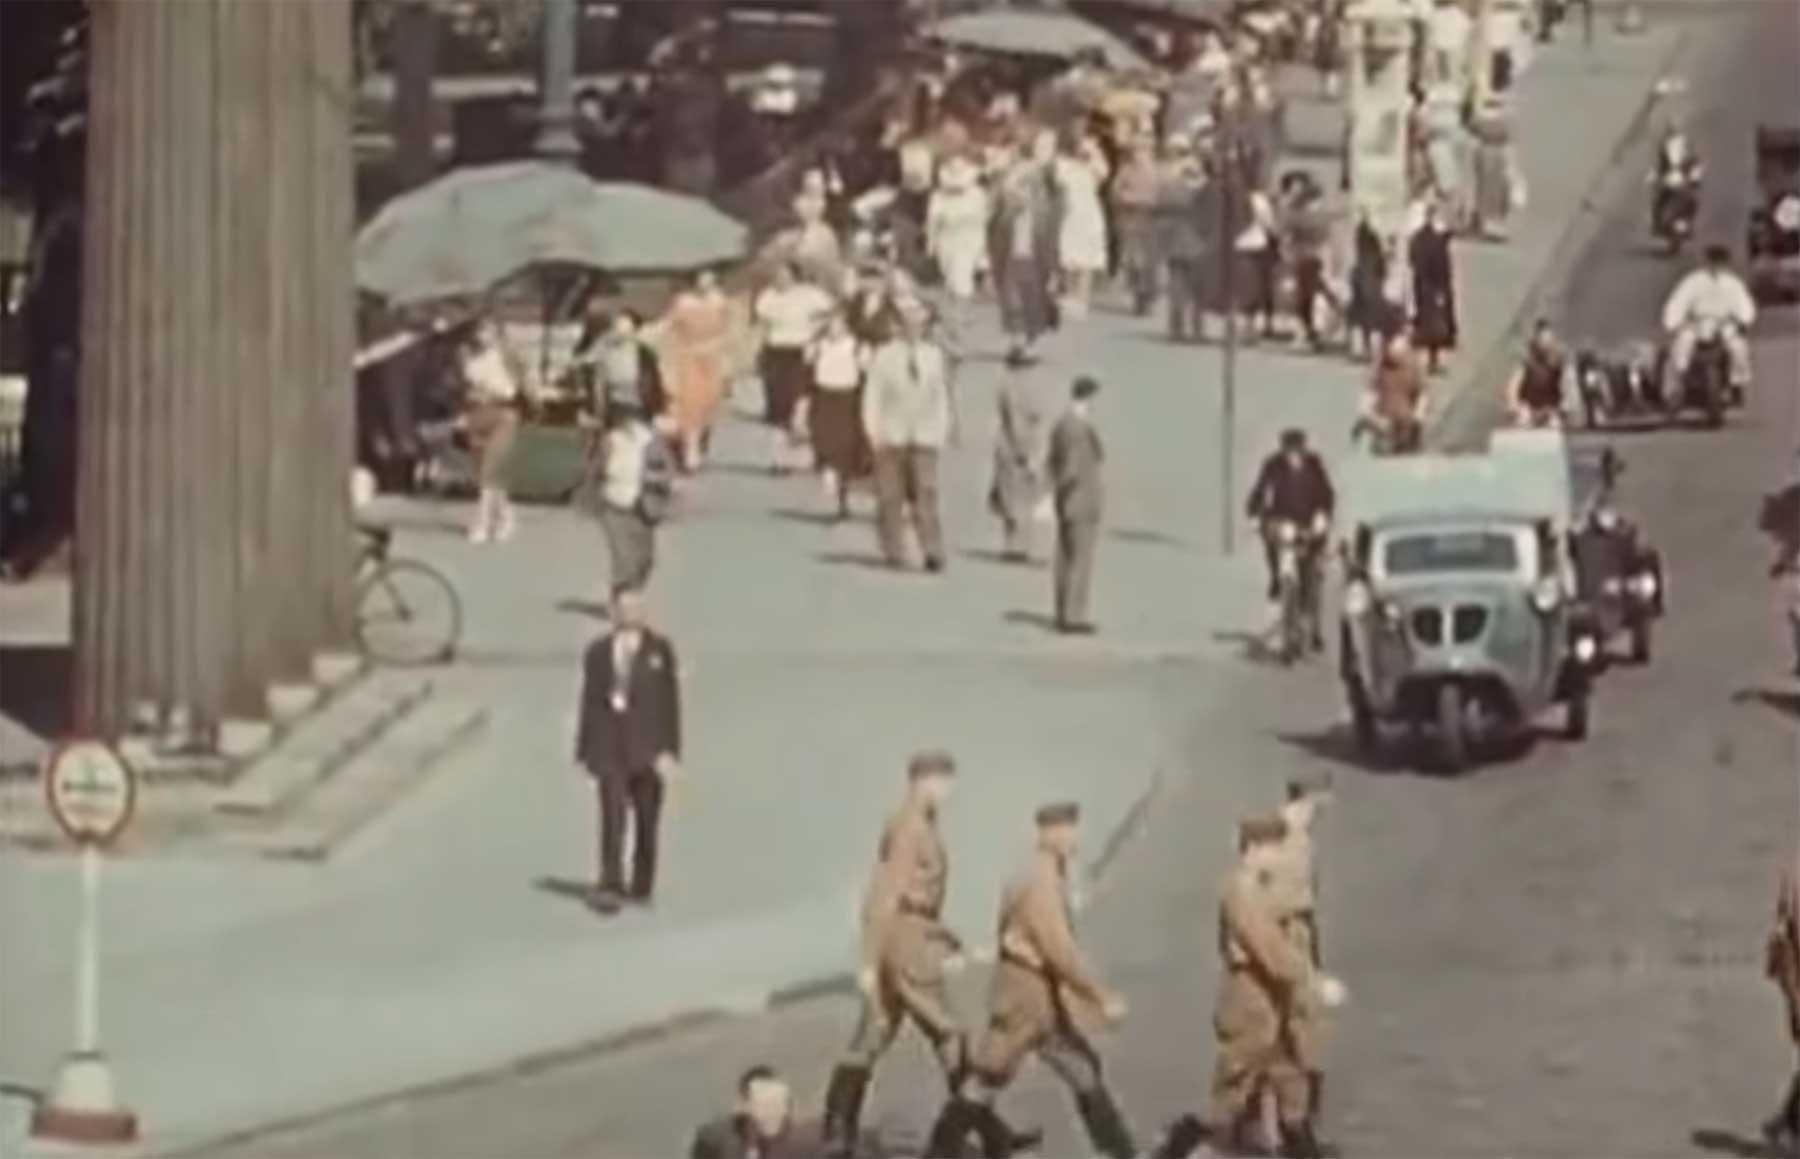 Colorierte Videoaufnahmen aus Berlin im Jahr 1936 berlin-1936-video-coloriert